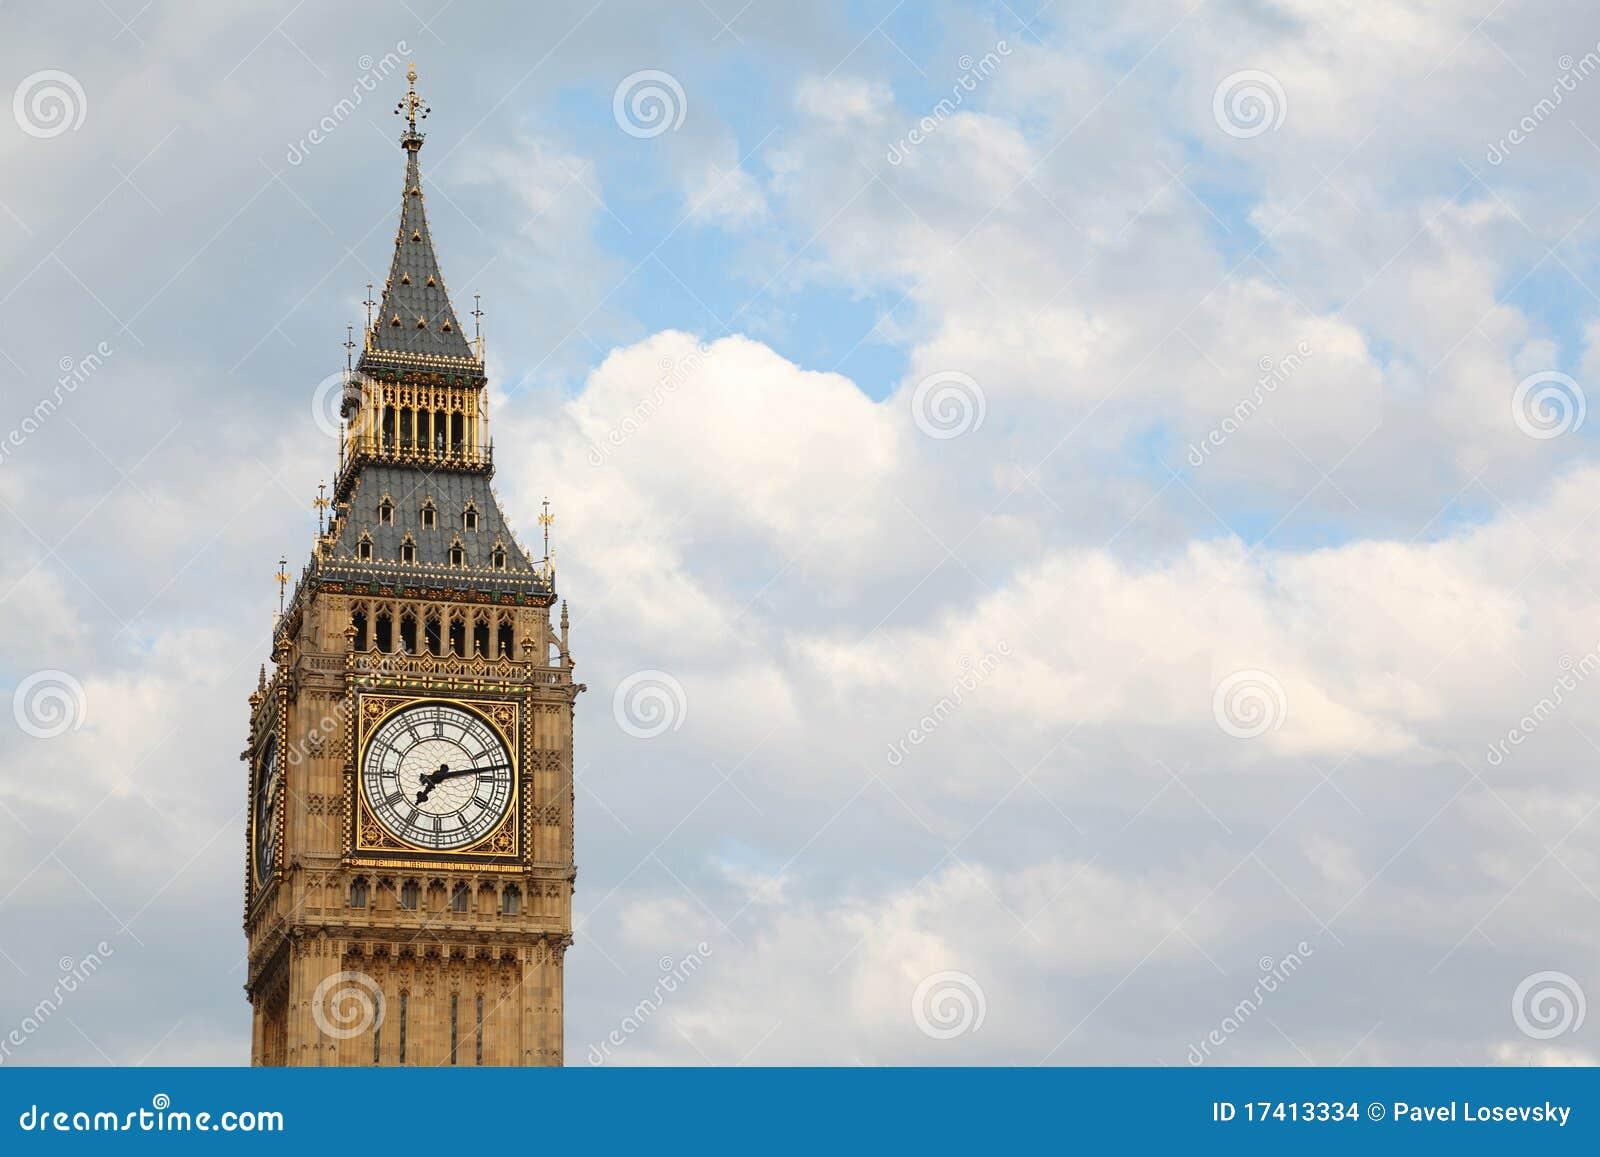 著名本大时钟的英语